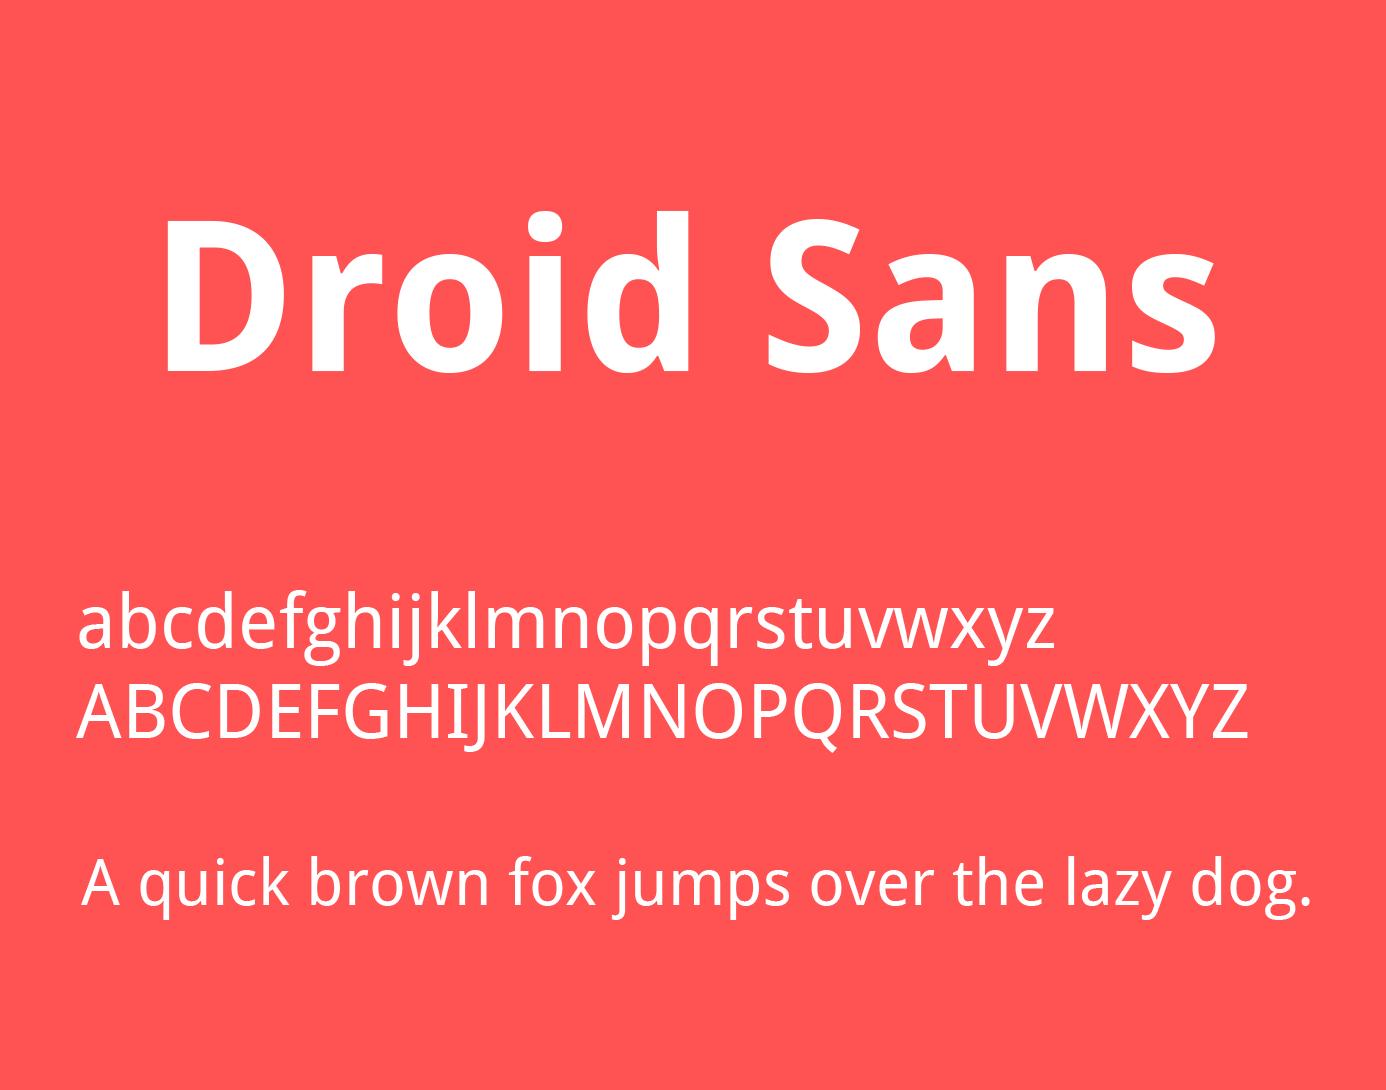 droid-sans-font